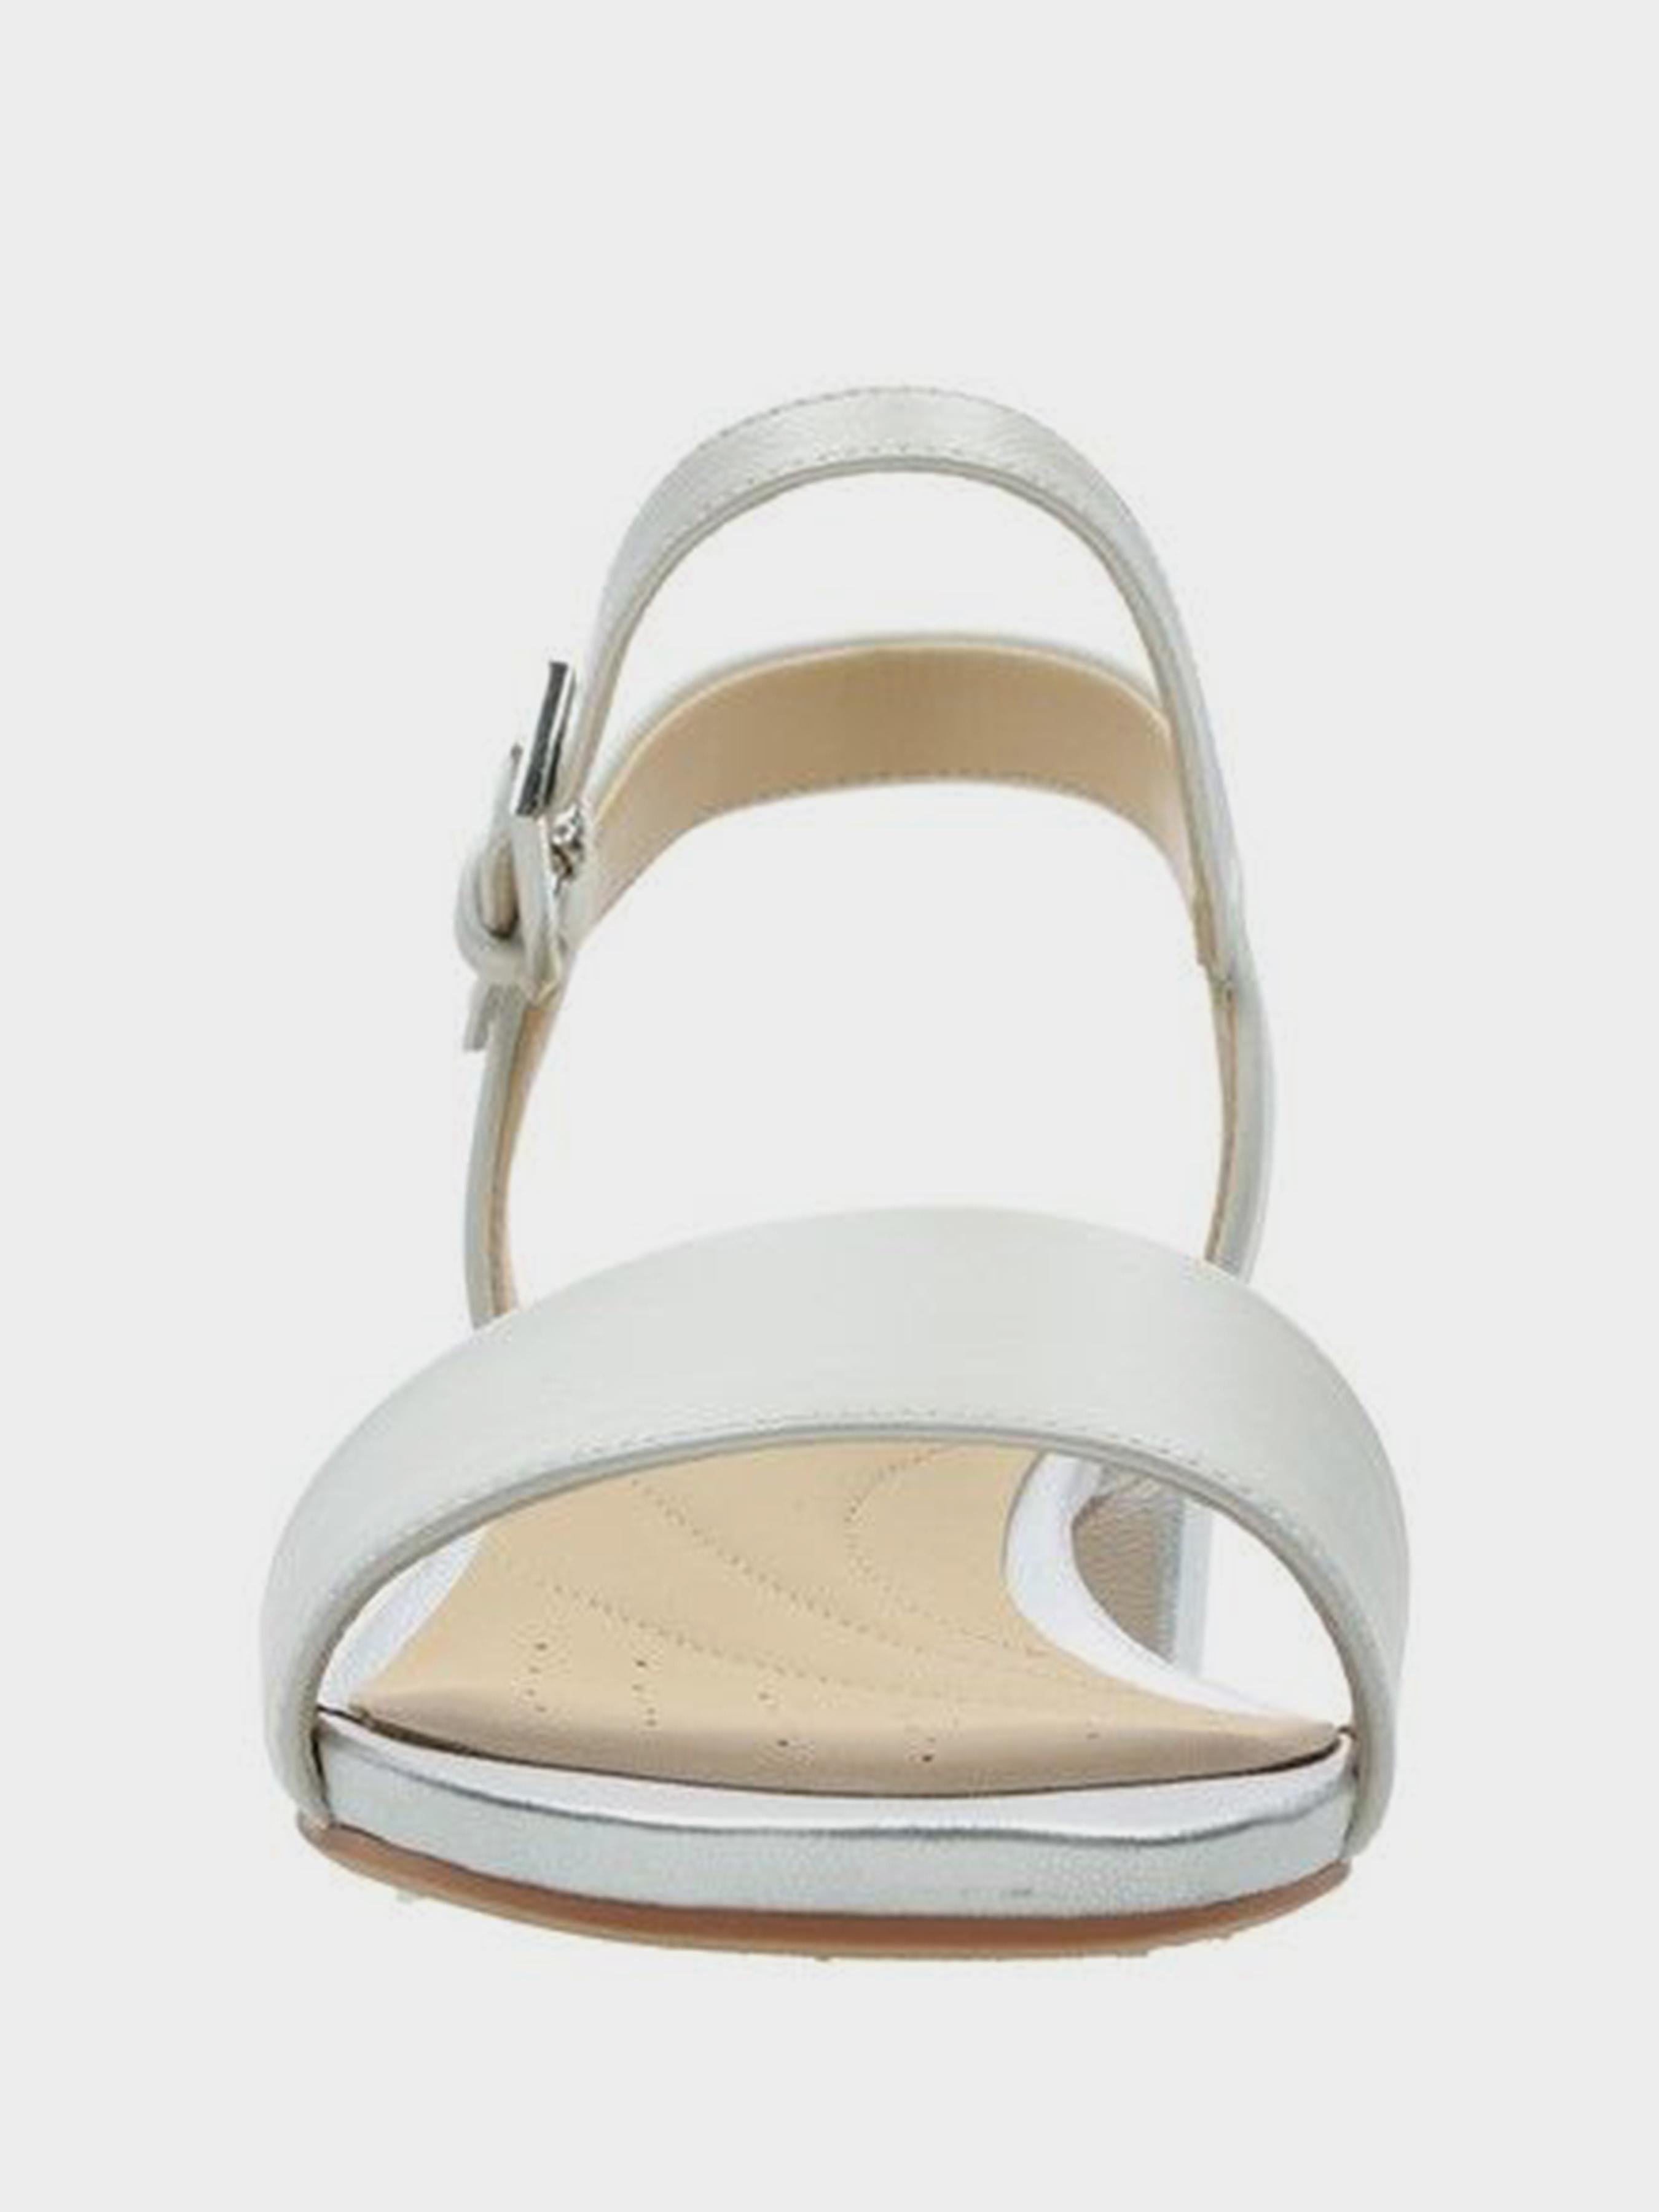 Босоножки для женщин Clarks Orabella Iris OW4337 цена обуви, 2017